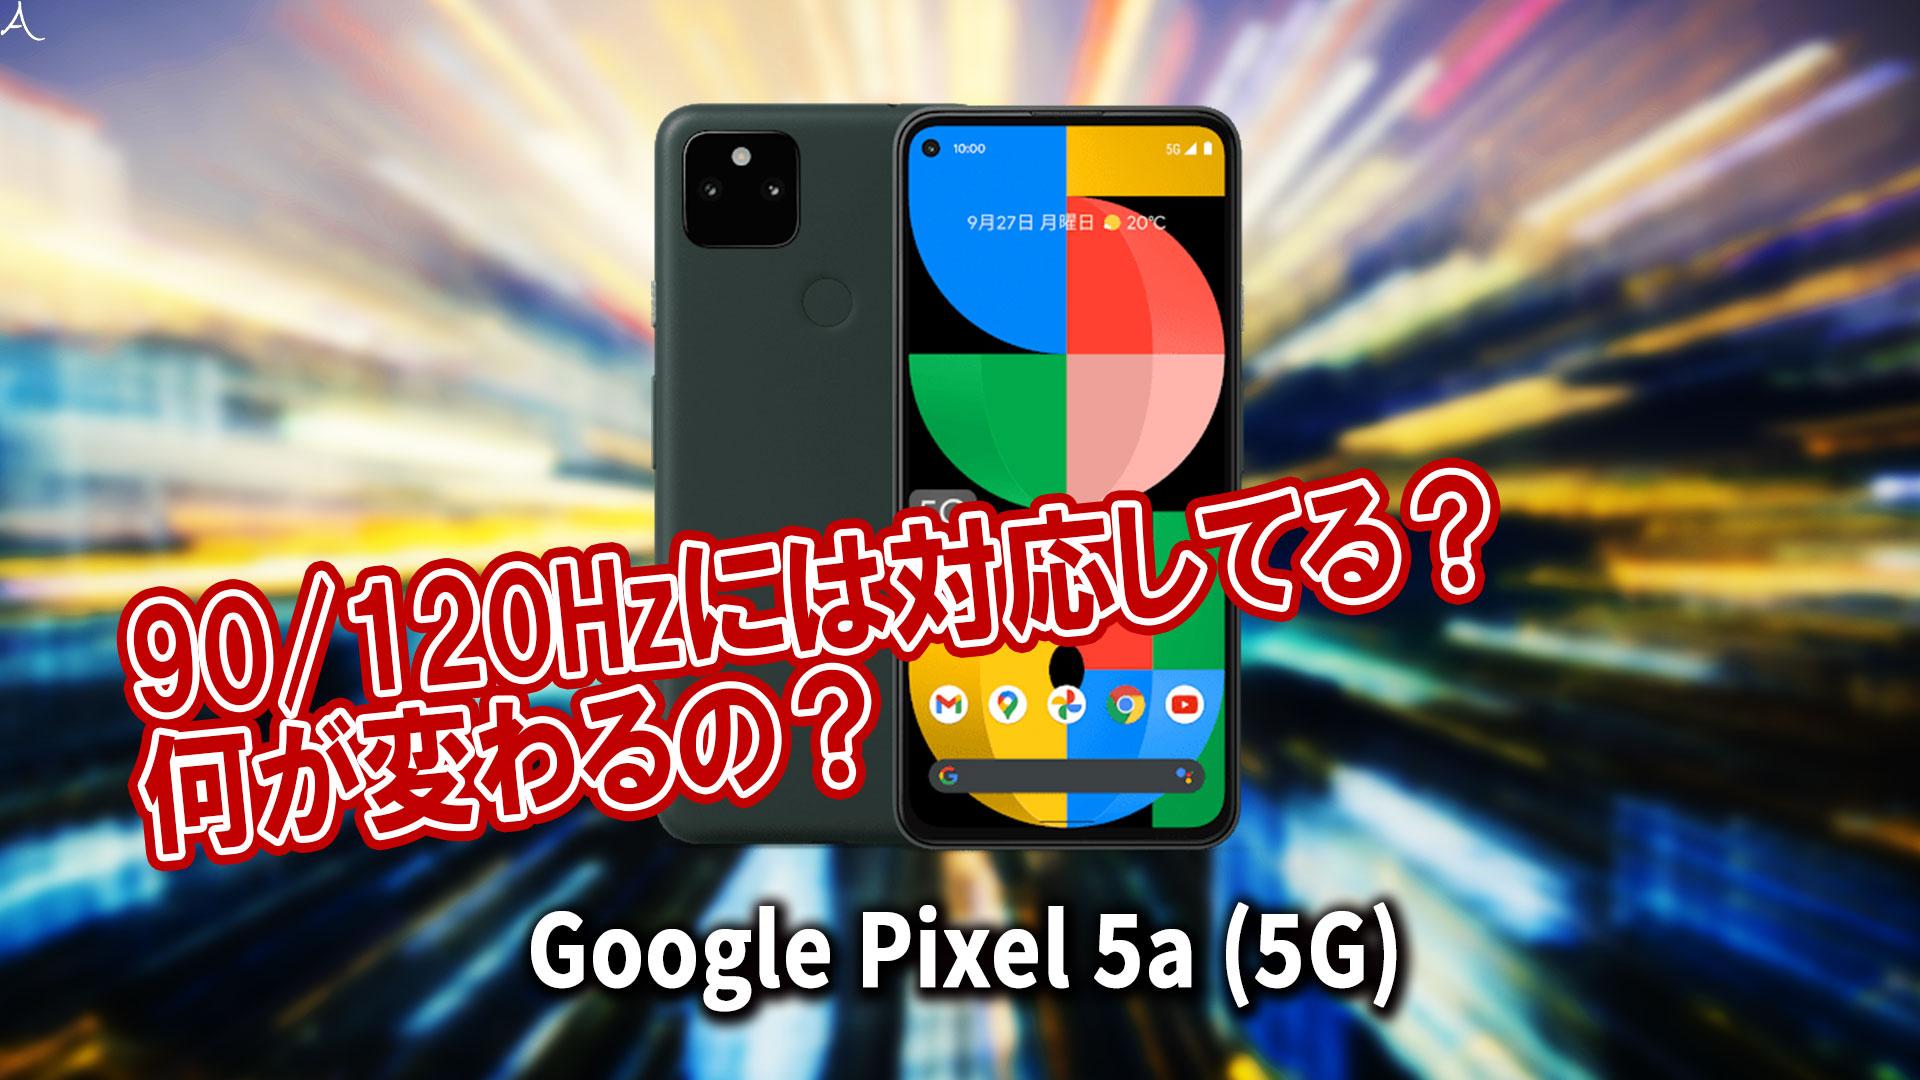 「Google Pixel 5a (5G)」のリフレッシュレートはいくつ?90/120Hzには対応してる?